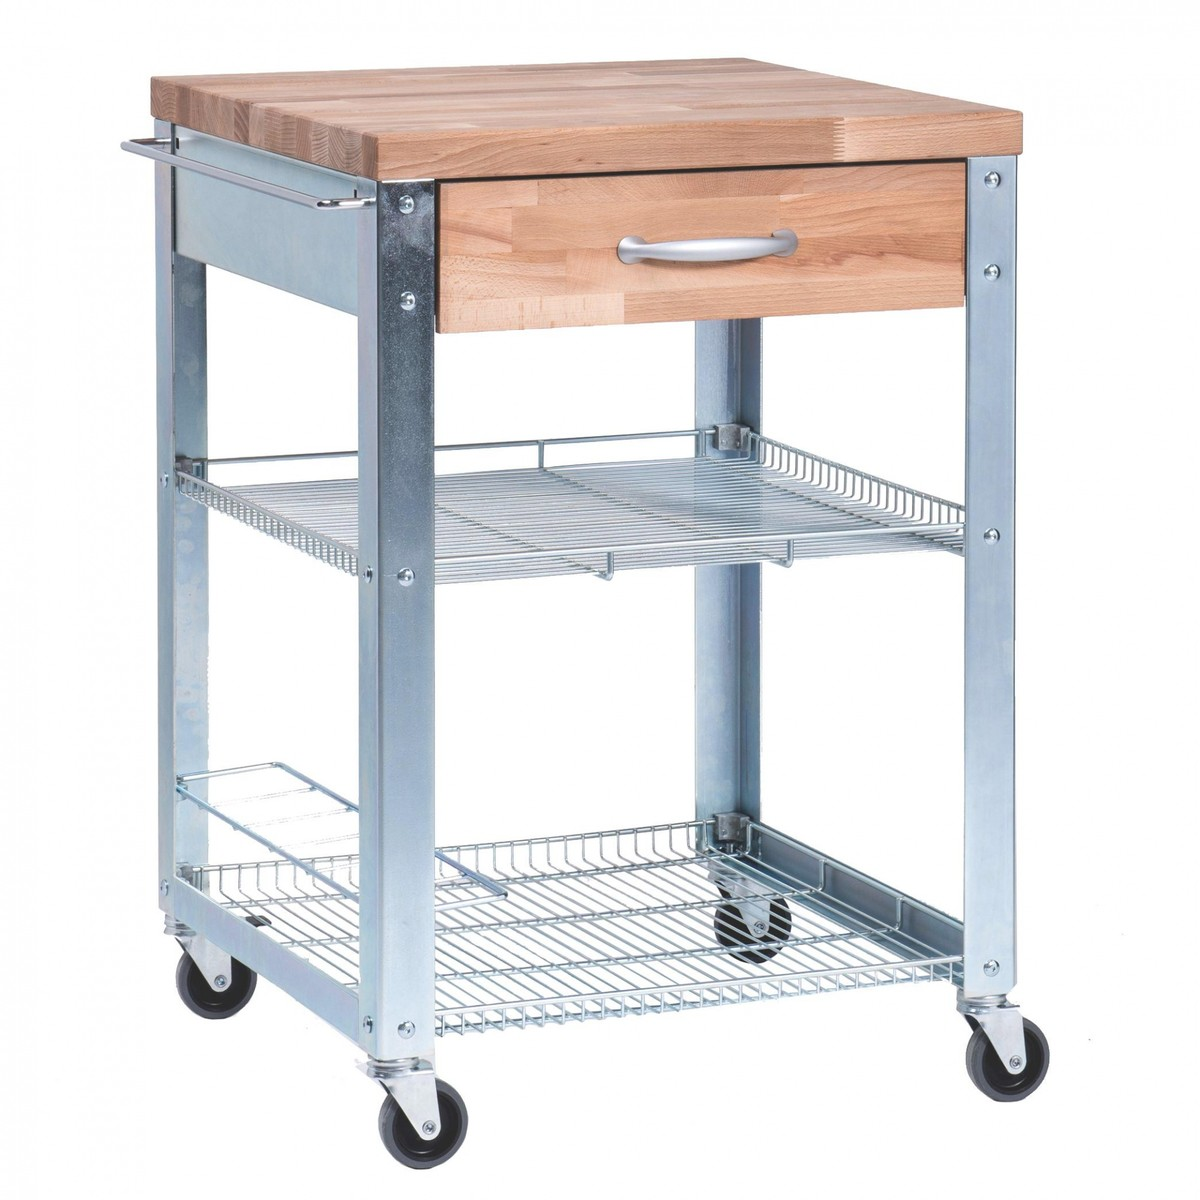 Domäne Küchenwagen Stellfüsse Für Küchenmöbel Frisch Ks 95 4a T2